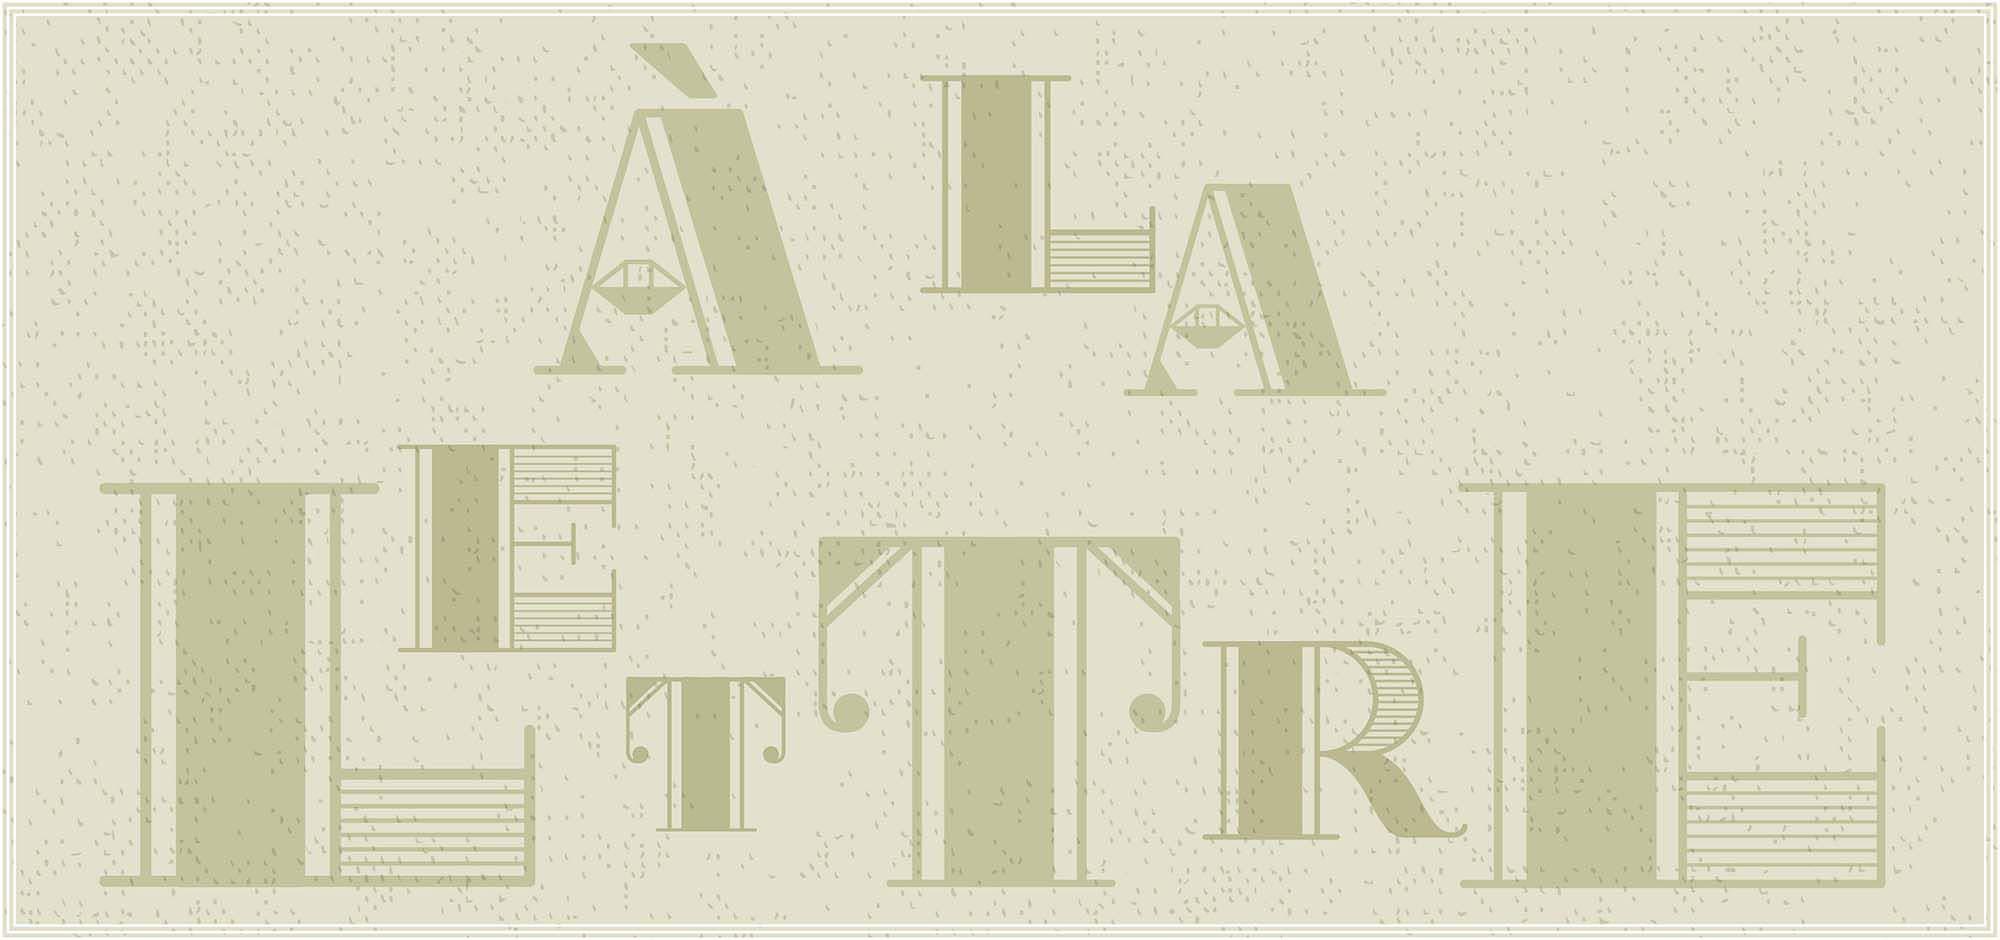 a-la-lettre-logo-montage-typographique